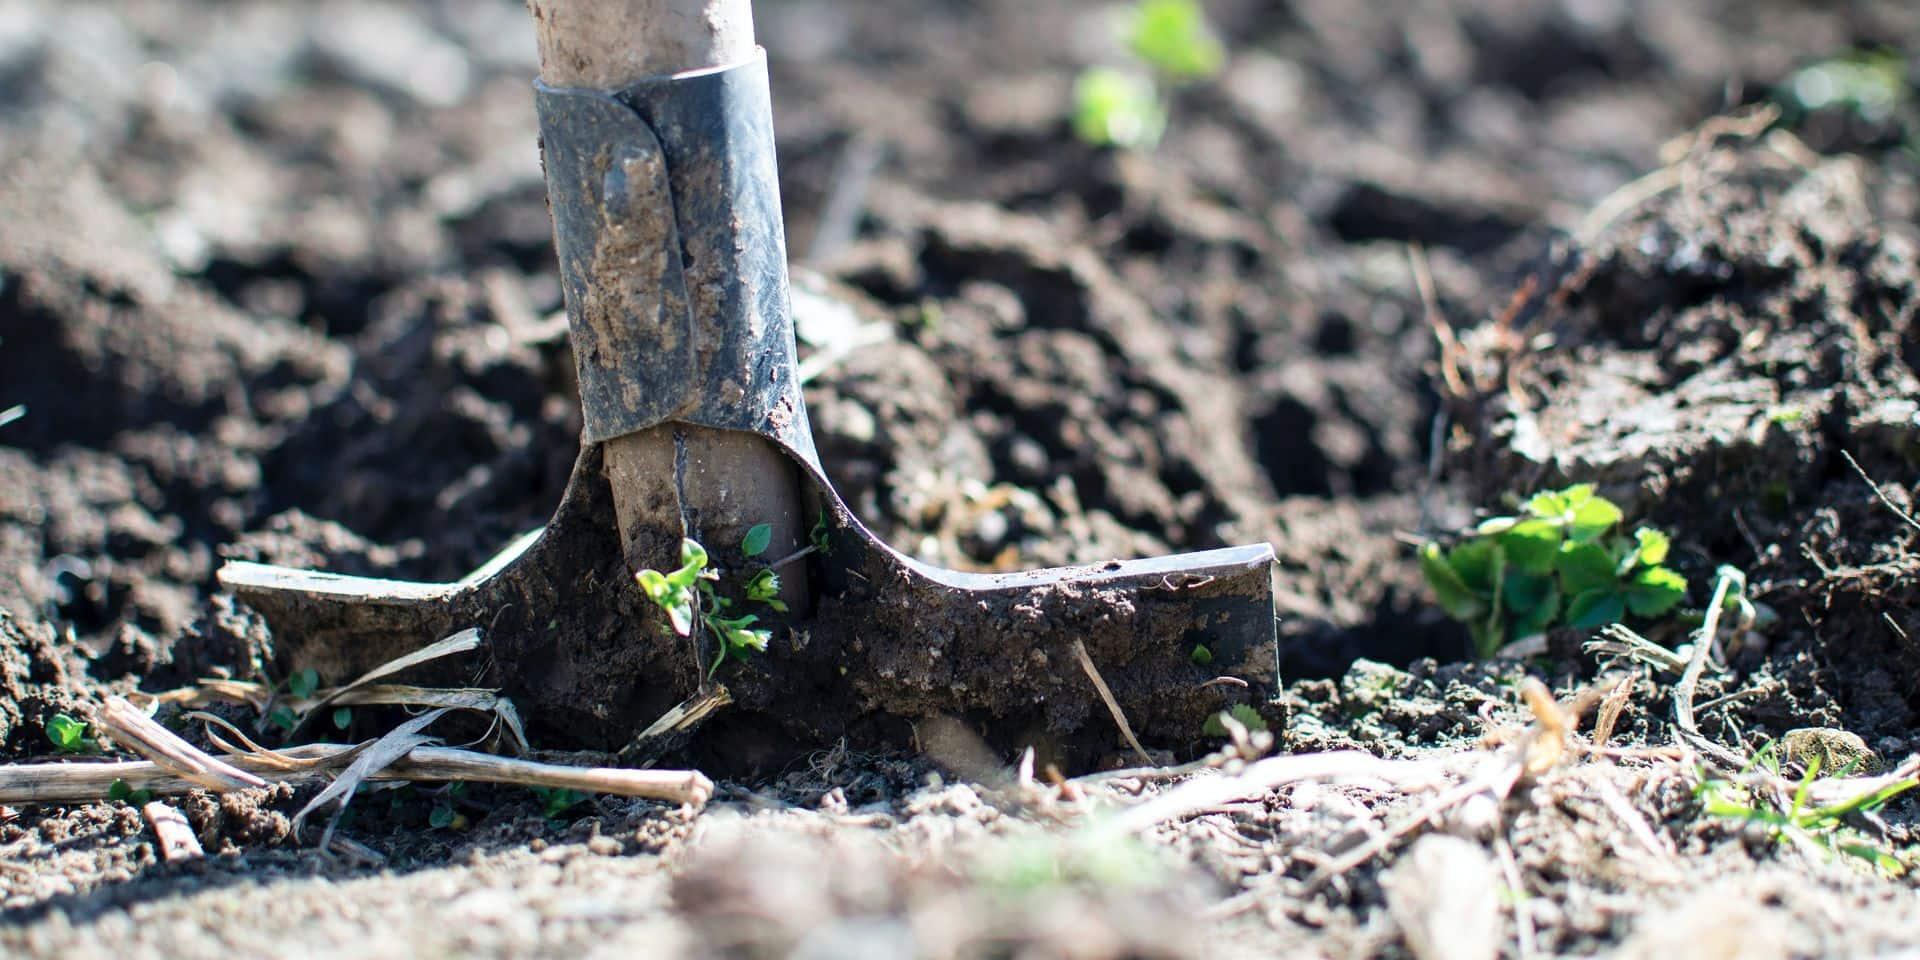 Pour pouvoir stocker l'eau, il faut d'abord soigner le travail du sol